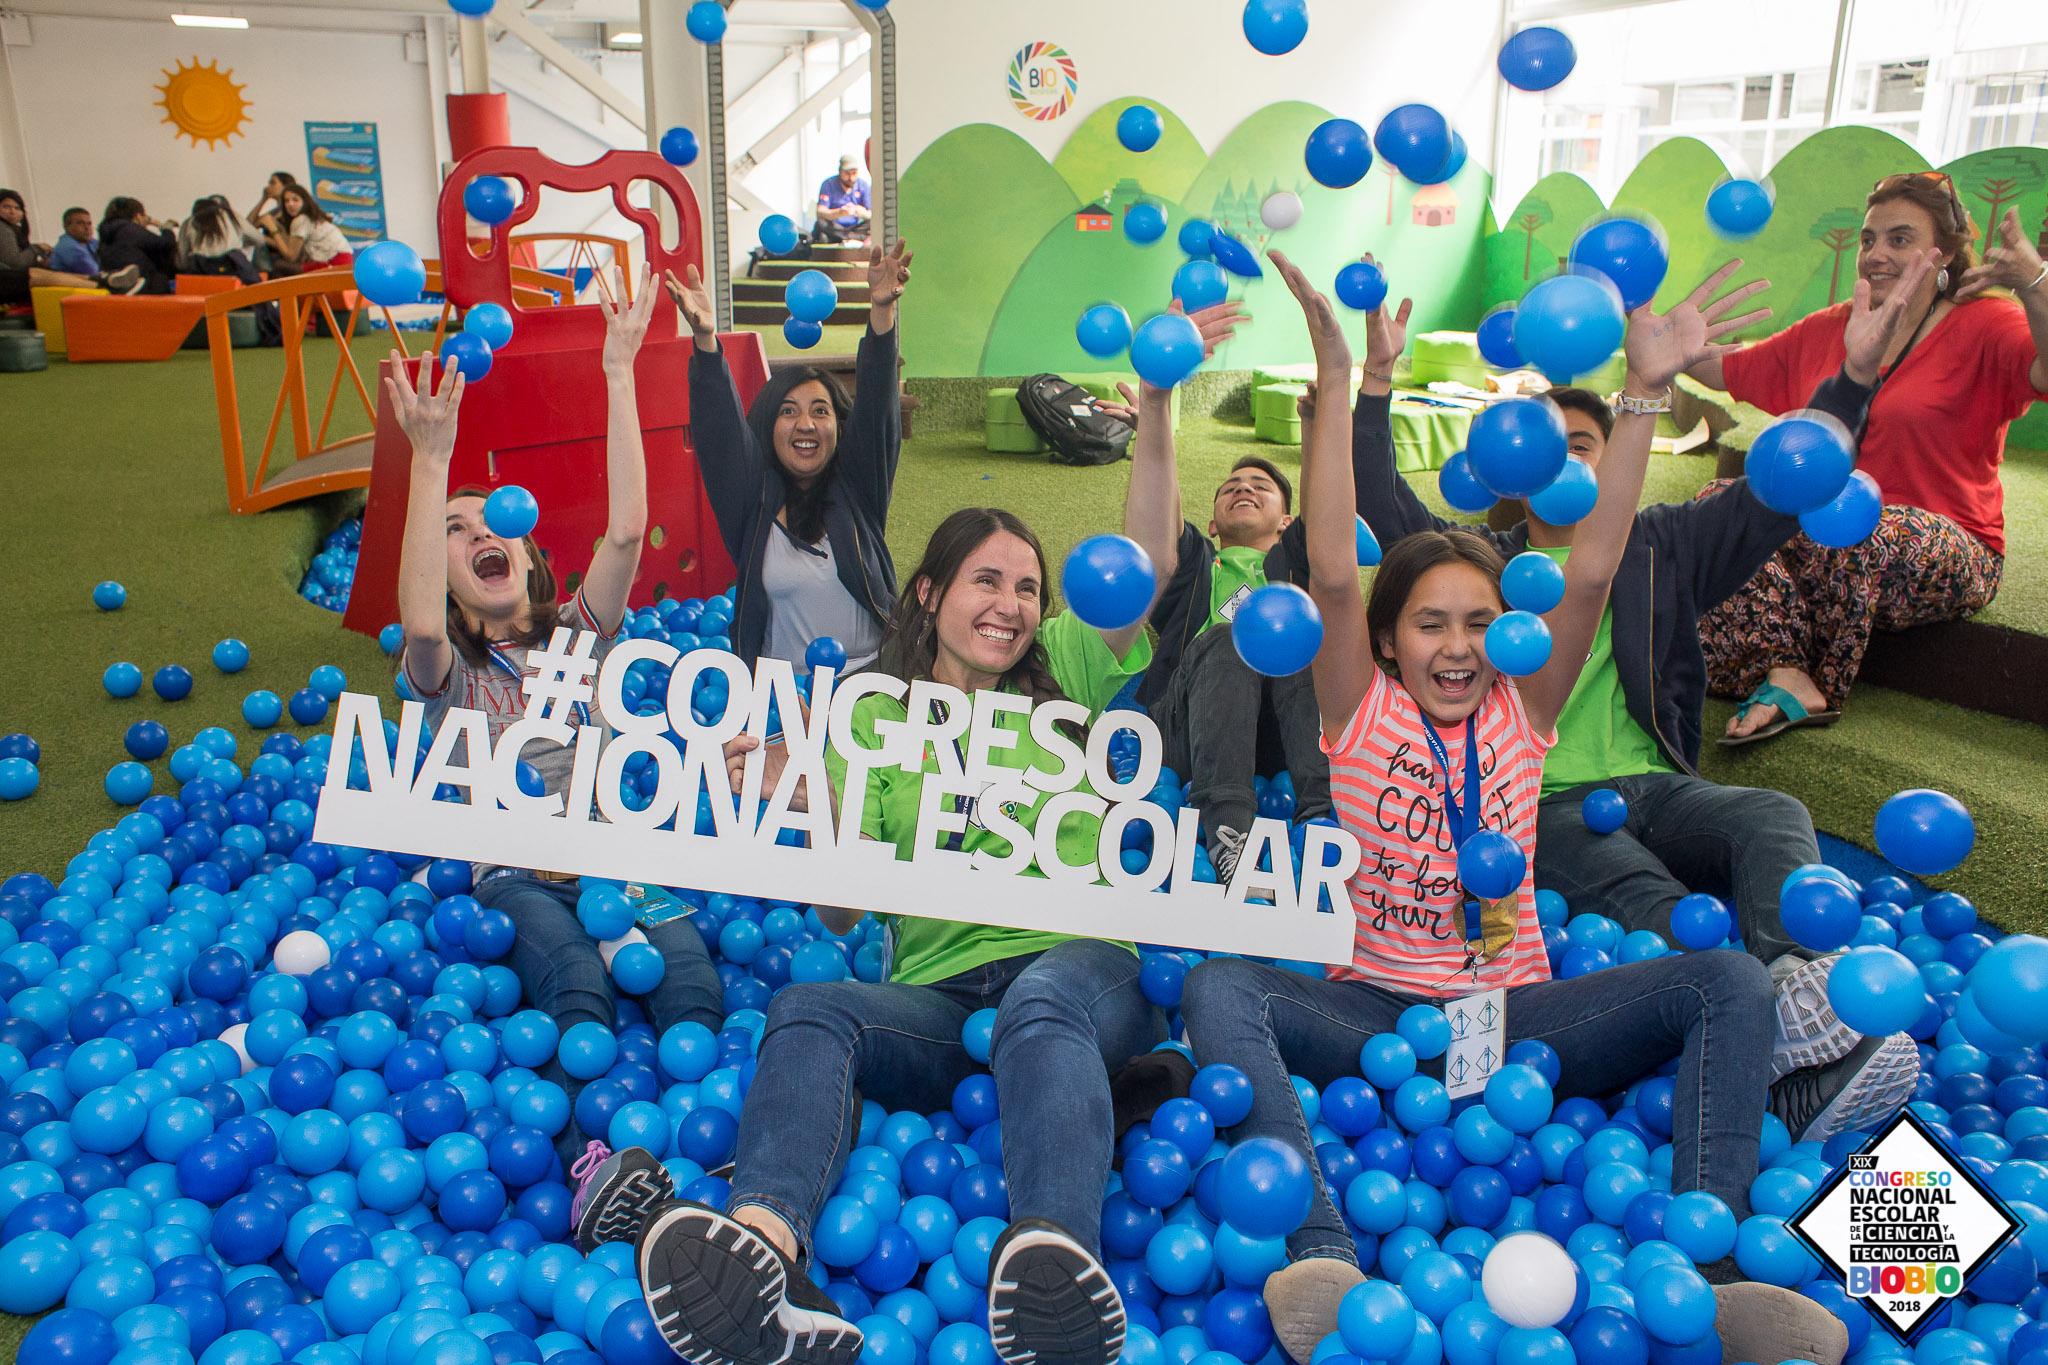 Los equipos recorrieron la zona interactiva de CICAT Biobiósfera en el marco del XIX Congreso Nacional Escolar de la Ciencia y la Tecnología